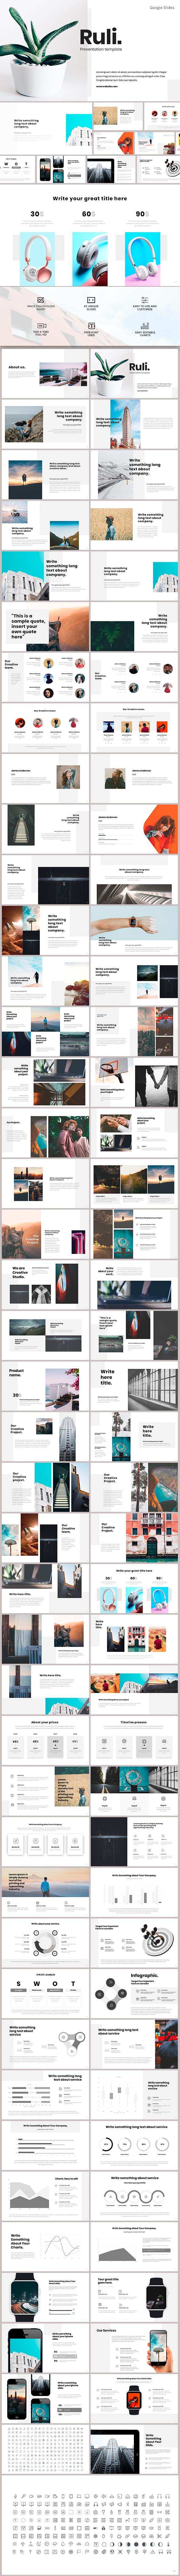 Ruli Google Slides - Google Slides Presentation Templates